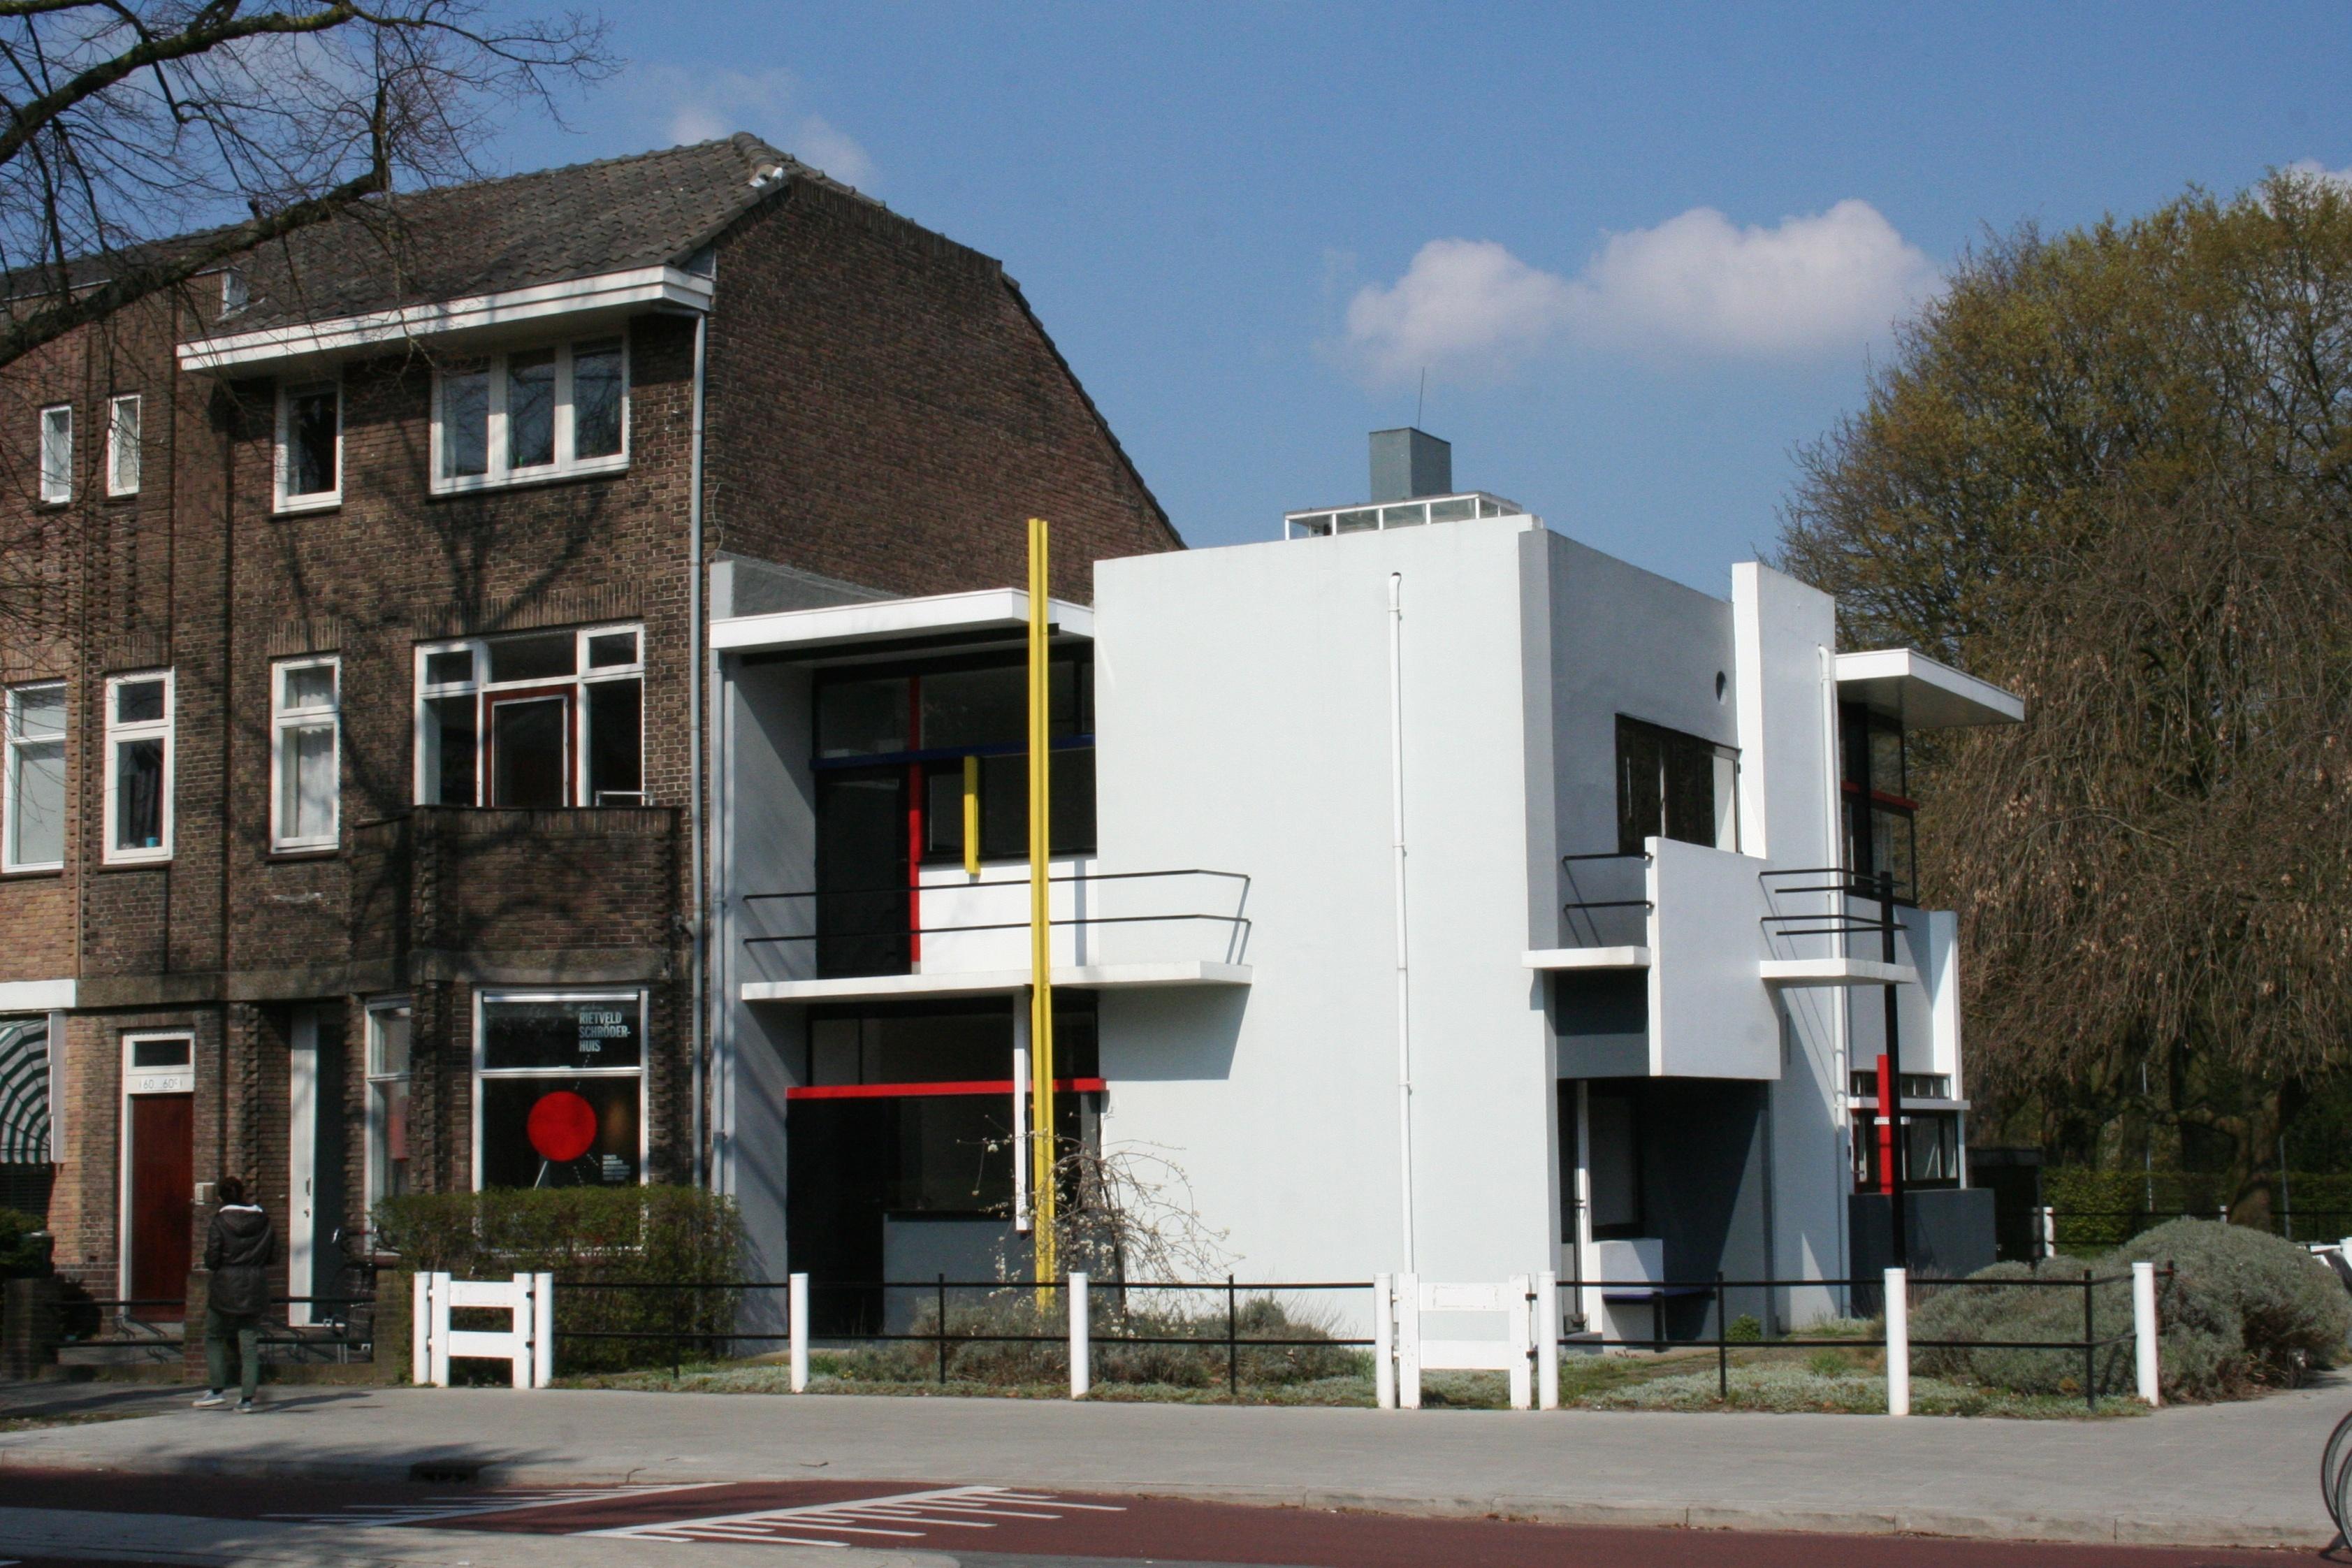 http://rechthoekig.nl/wp-content/uploads/rietveldschroderhuis-100jaardestijl-andrew-sides.jpg